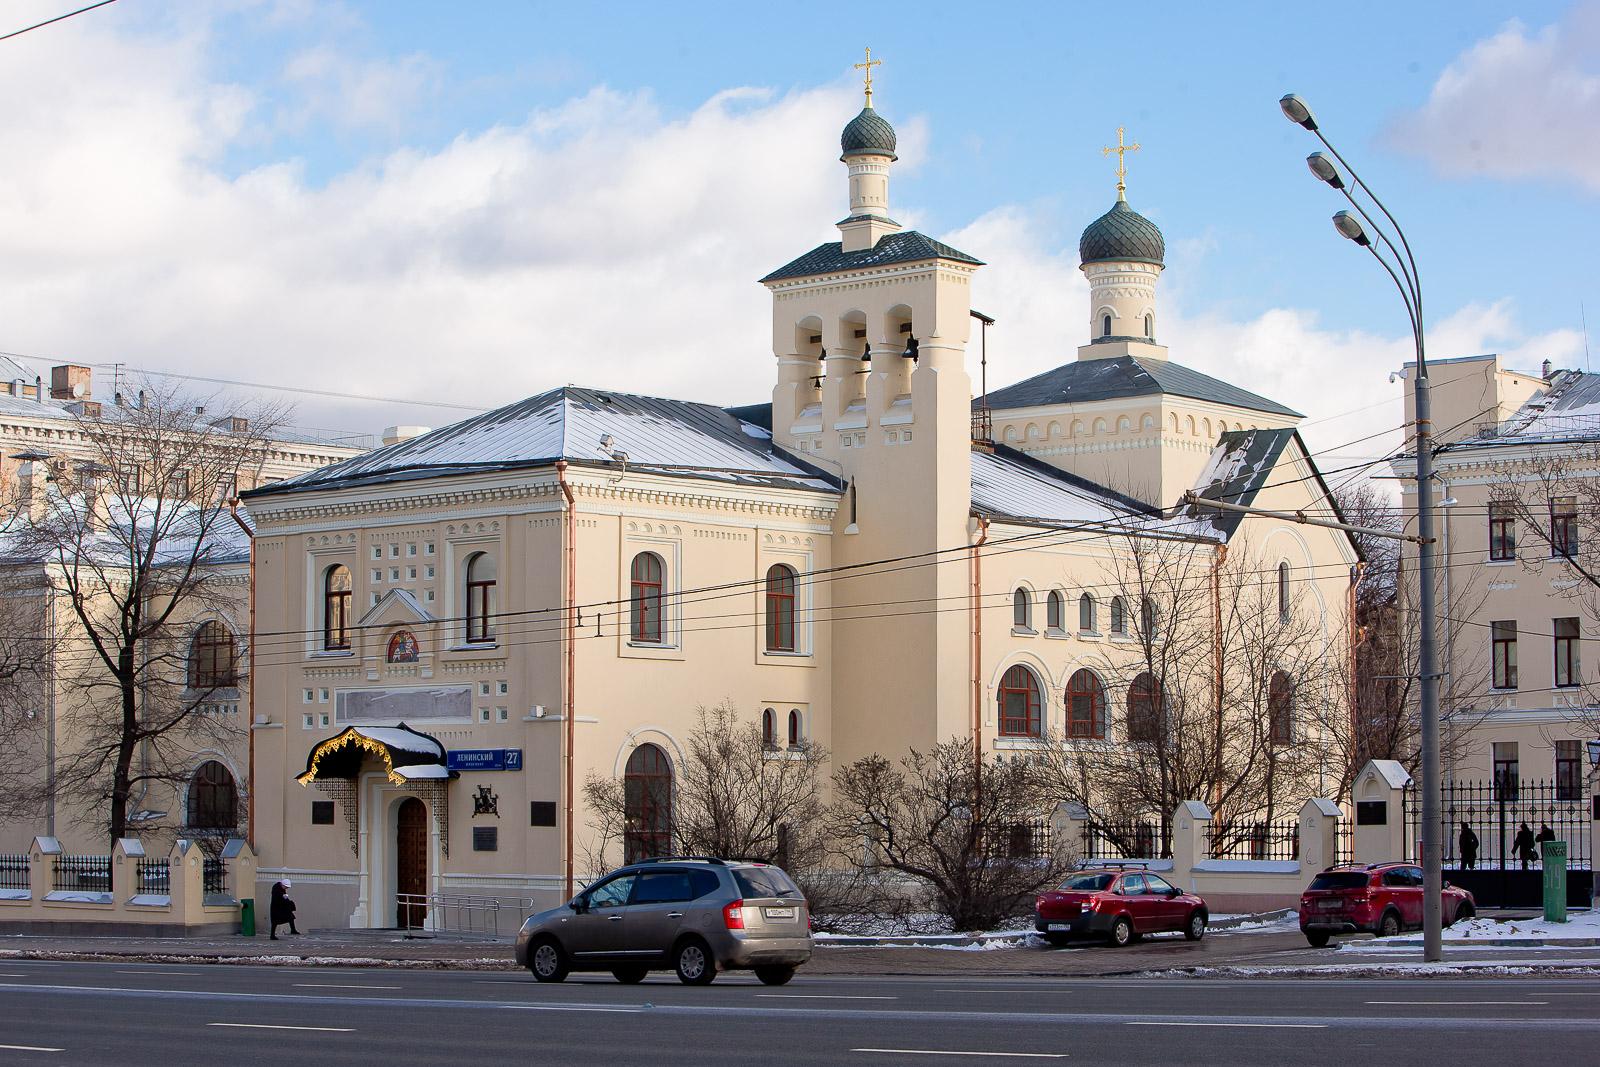 Мероприятие состоится в Центральной клинической больнице Святителя Алексия. Фото: Елена Добрякова